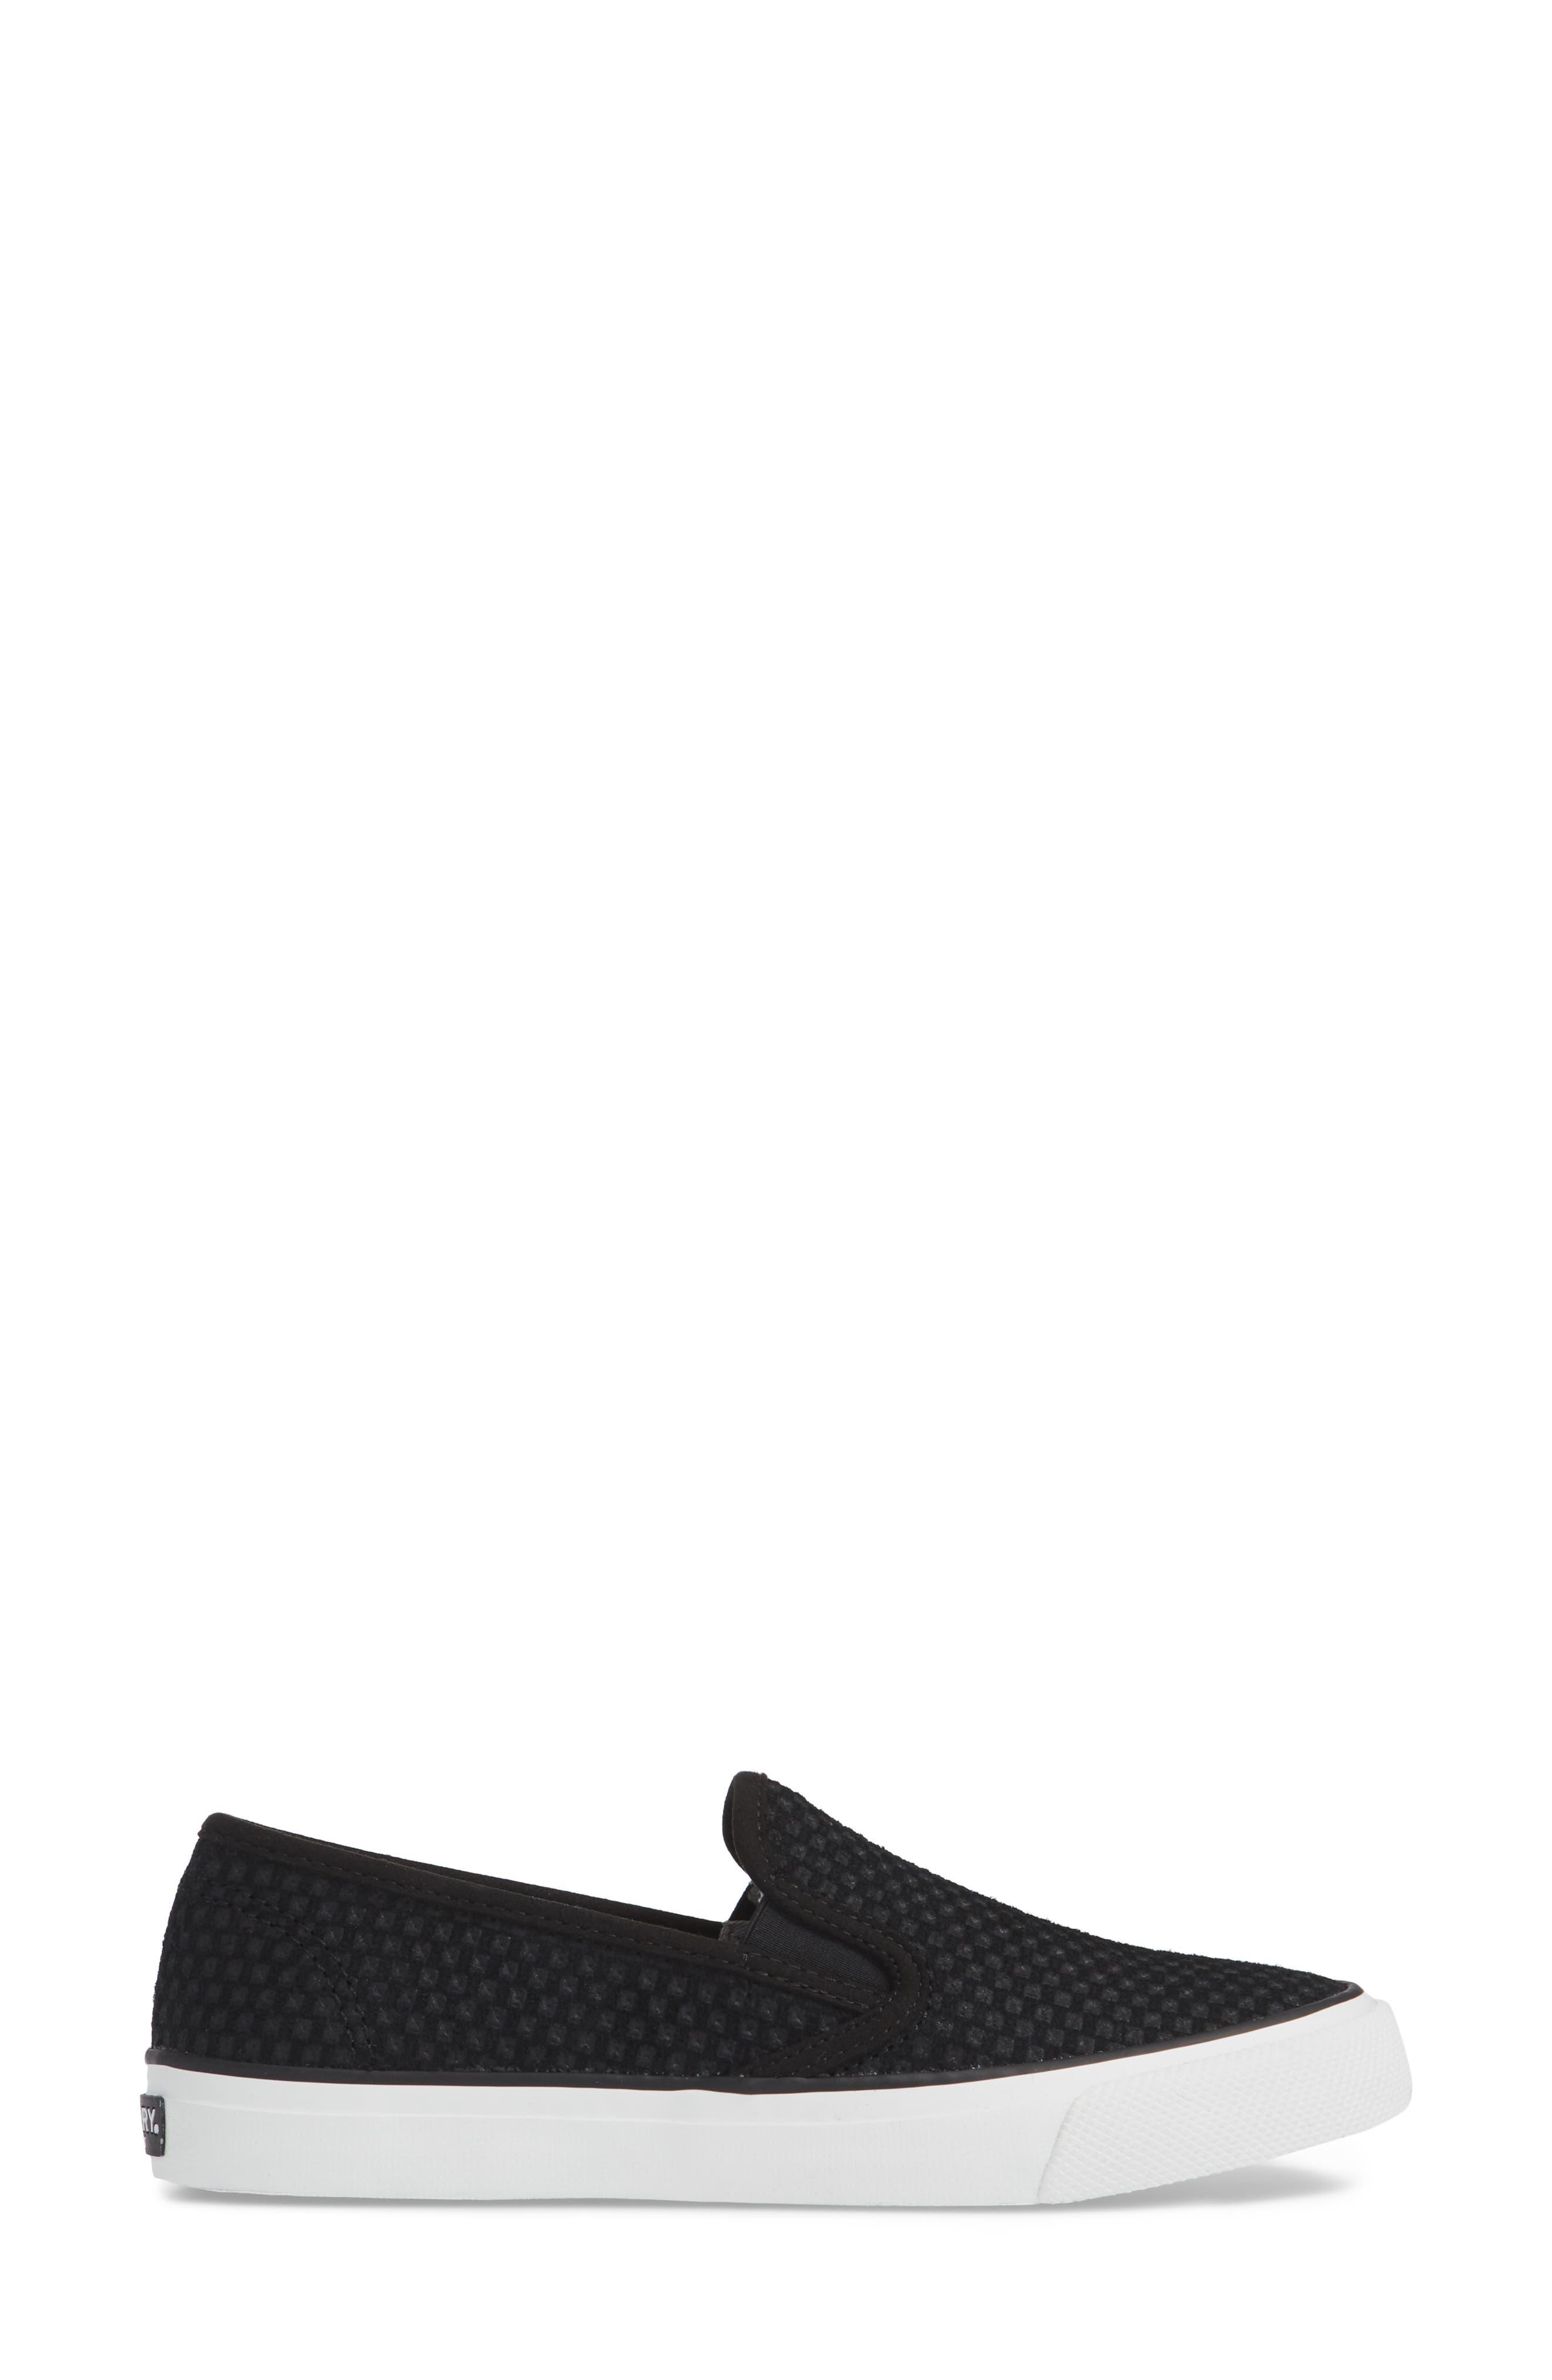 SPERRY, Seaside Embossed Slip-On Sneaker, Alternate thumbnail 3, color, BLACK CANVAS